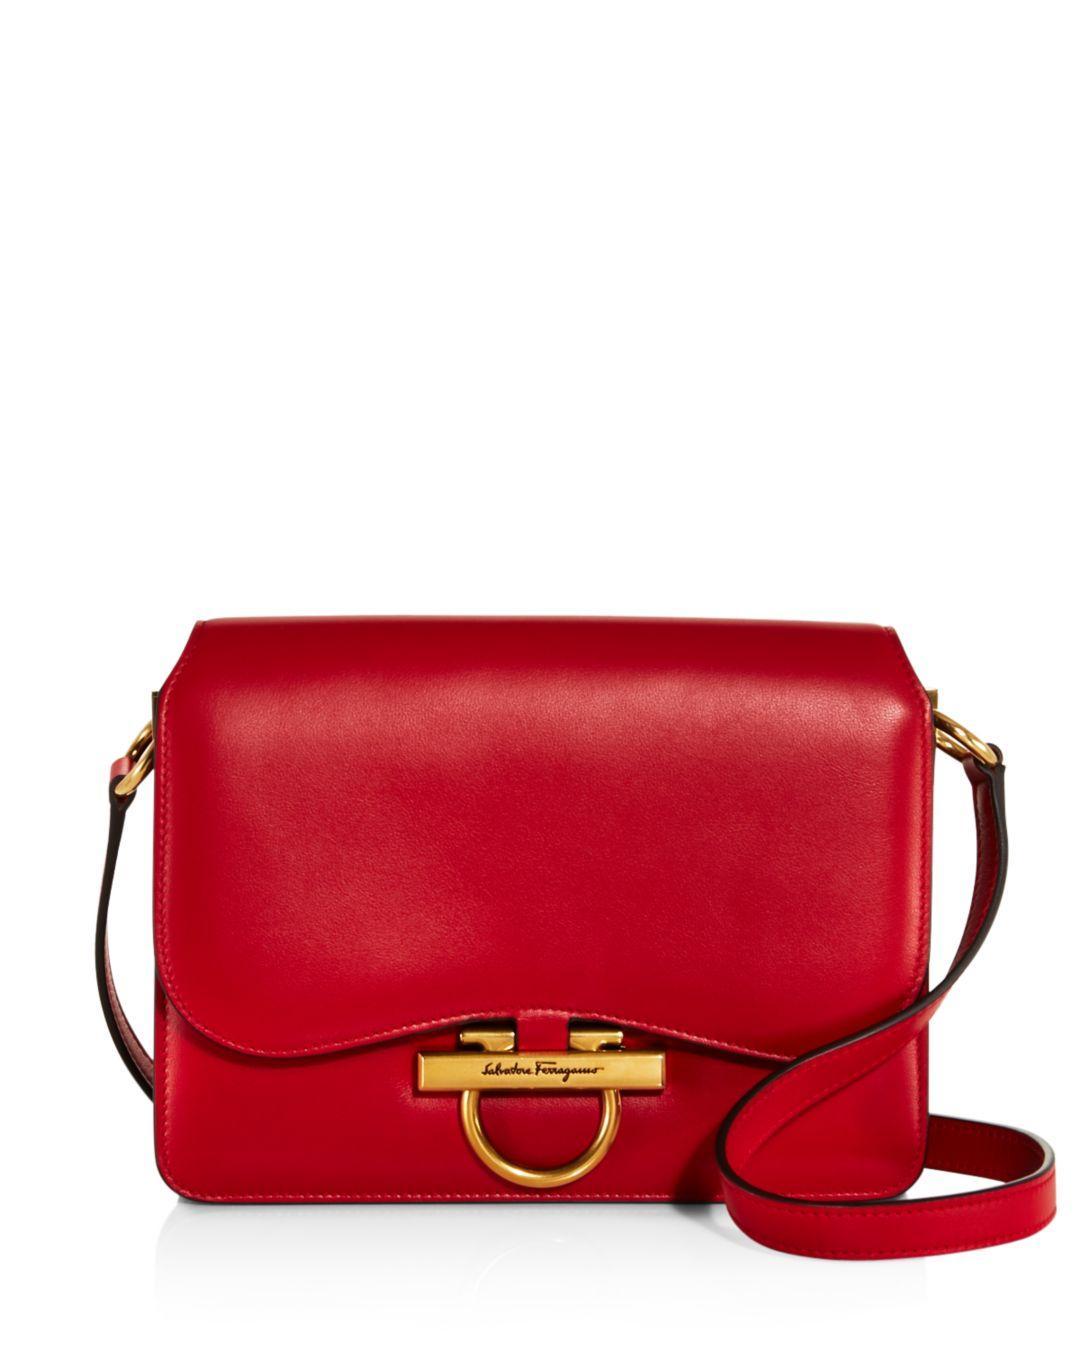 3694d95398c8 Ferragamo. Women s Medium Classic Flap Shoulder Bag